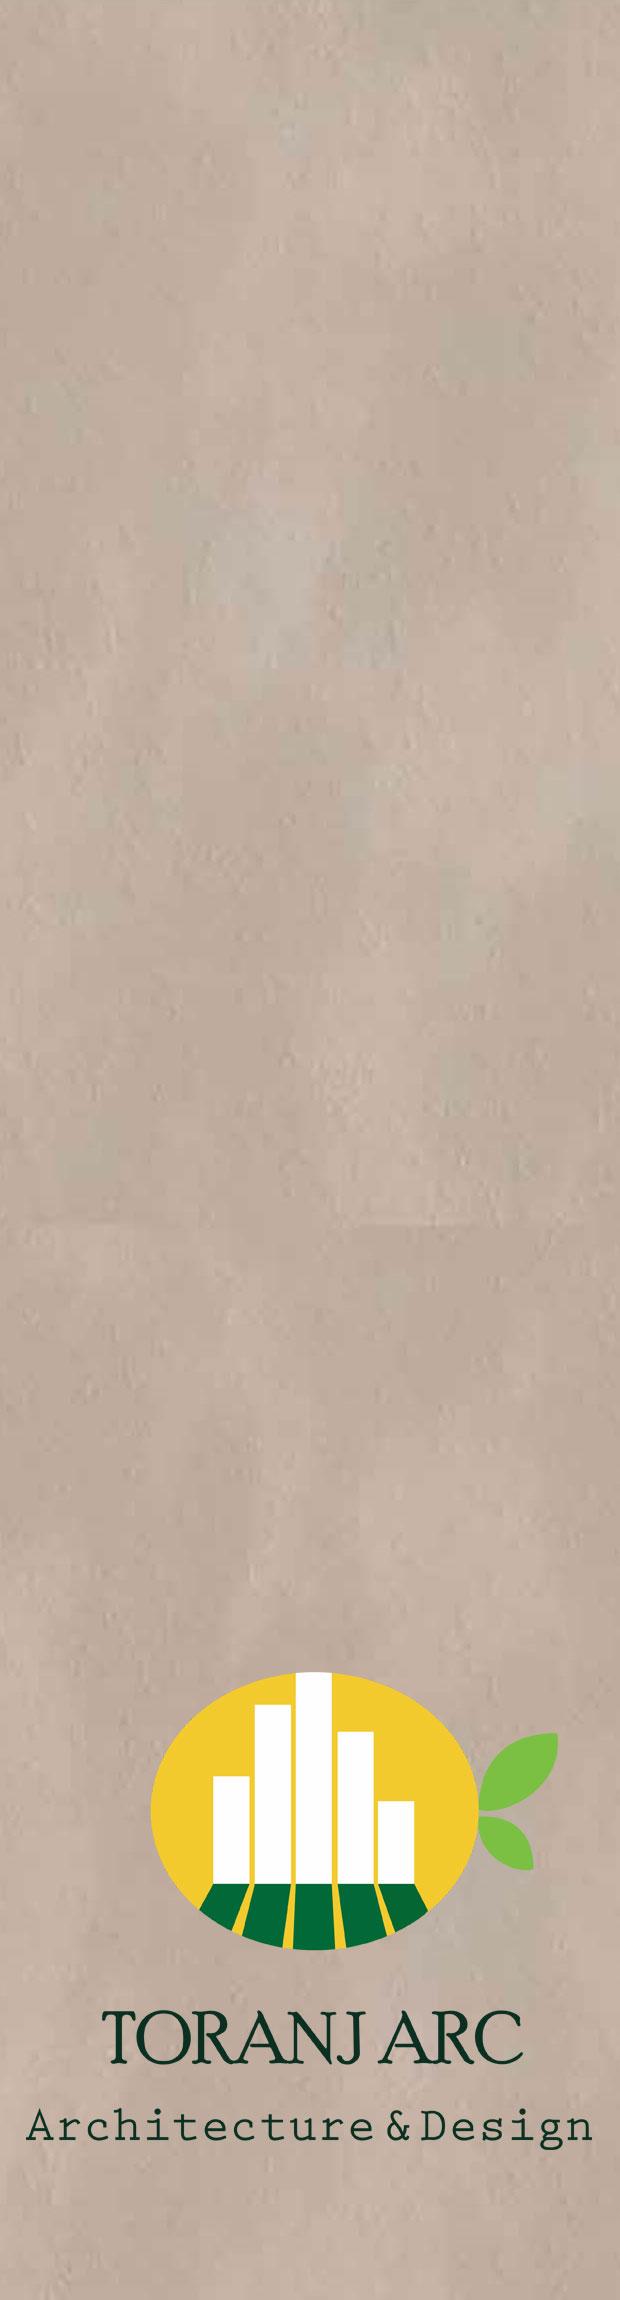 adofloor 1 5 کف پوش pvc